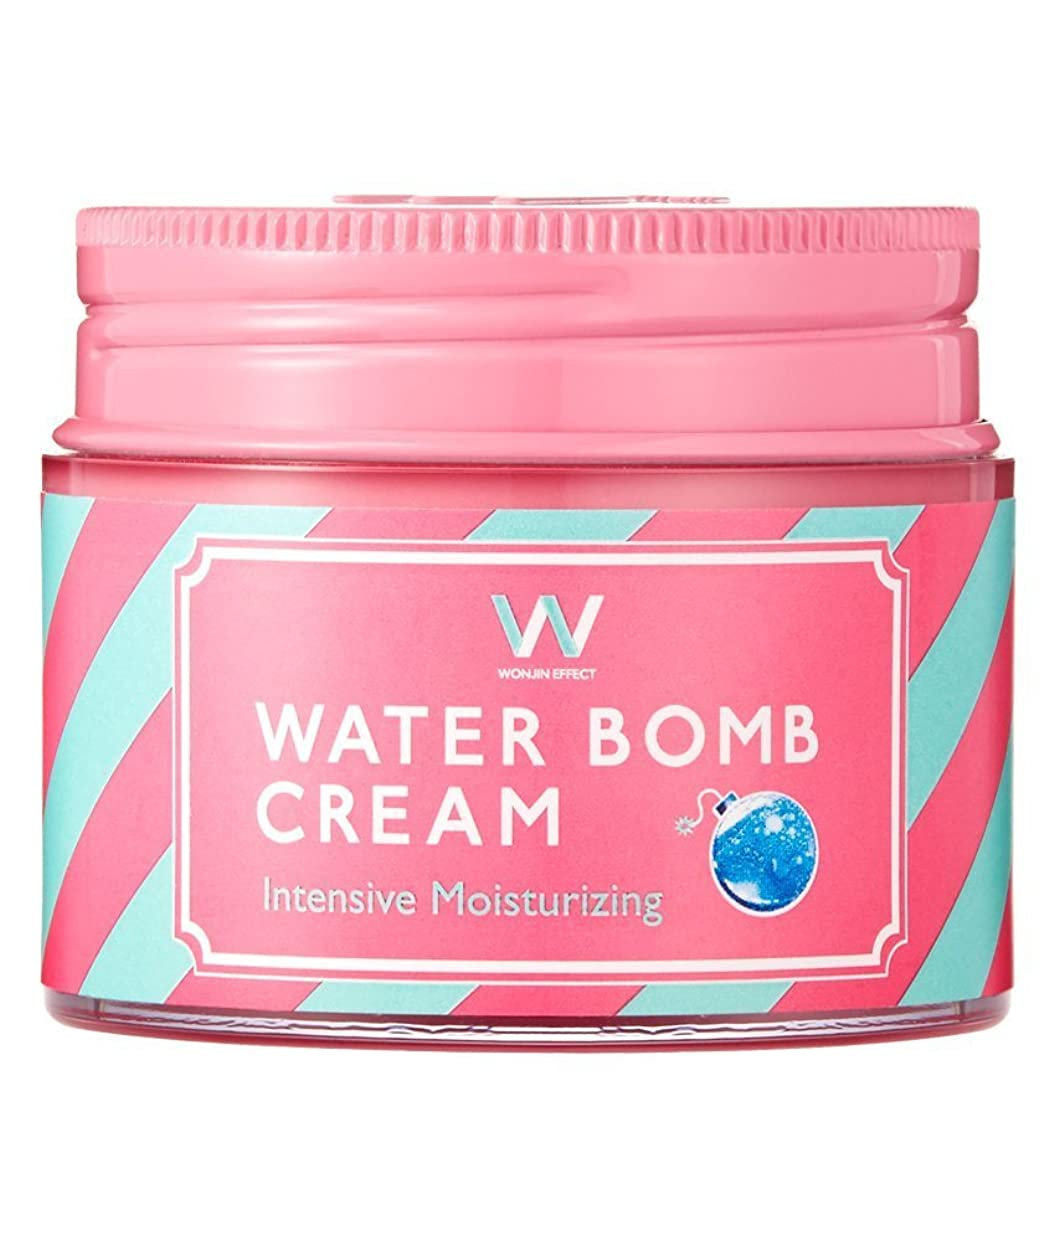 フィクションペストかもしれないWONJIN EFFECT ウォンジンエフェクト水爆弾クリーム/ウォーターボムクリーム [Water Bomb Cream] - 50ml, 1.69 fl. oz.